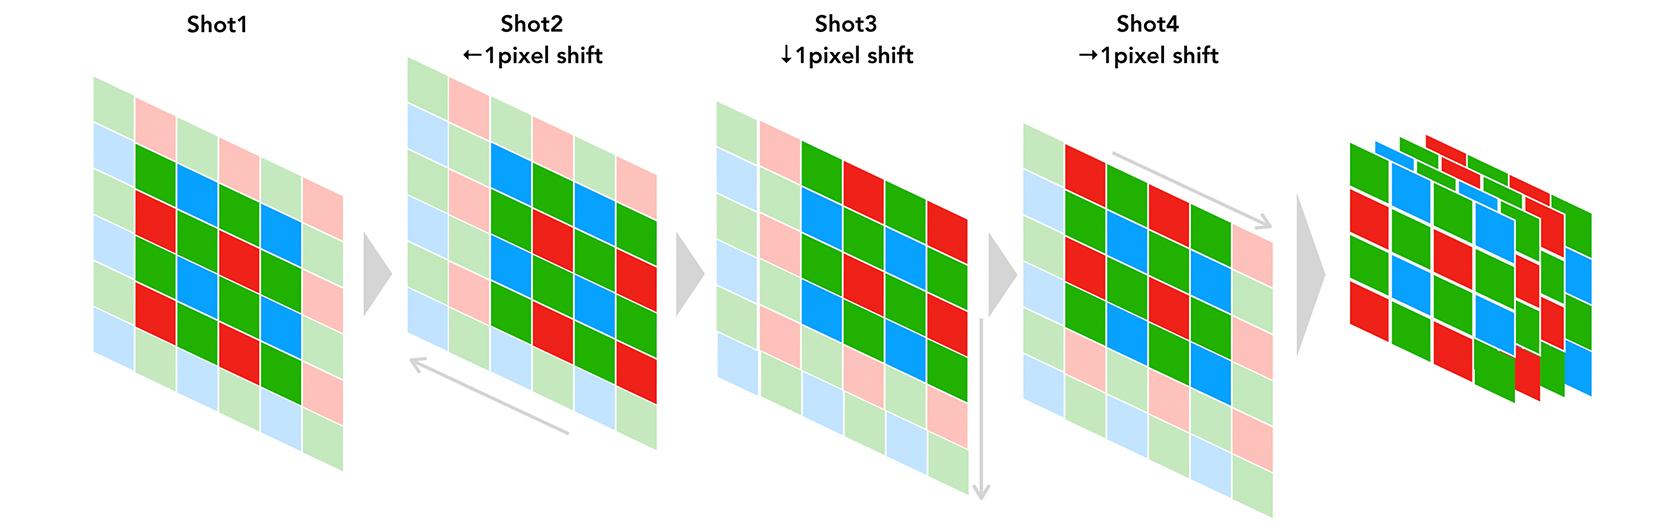 [図]① 正確なRGB情報を取得するプロセス